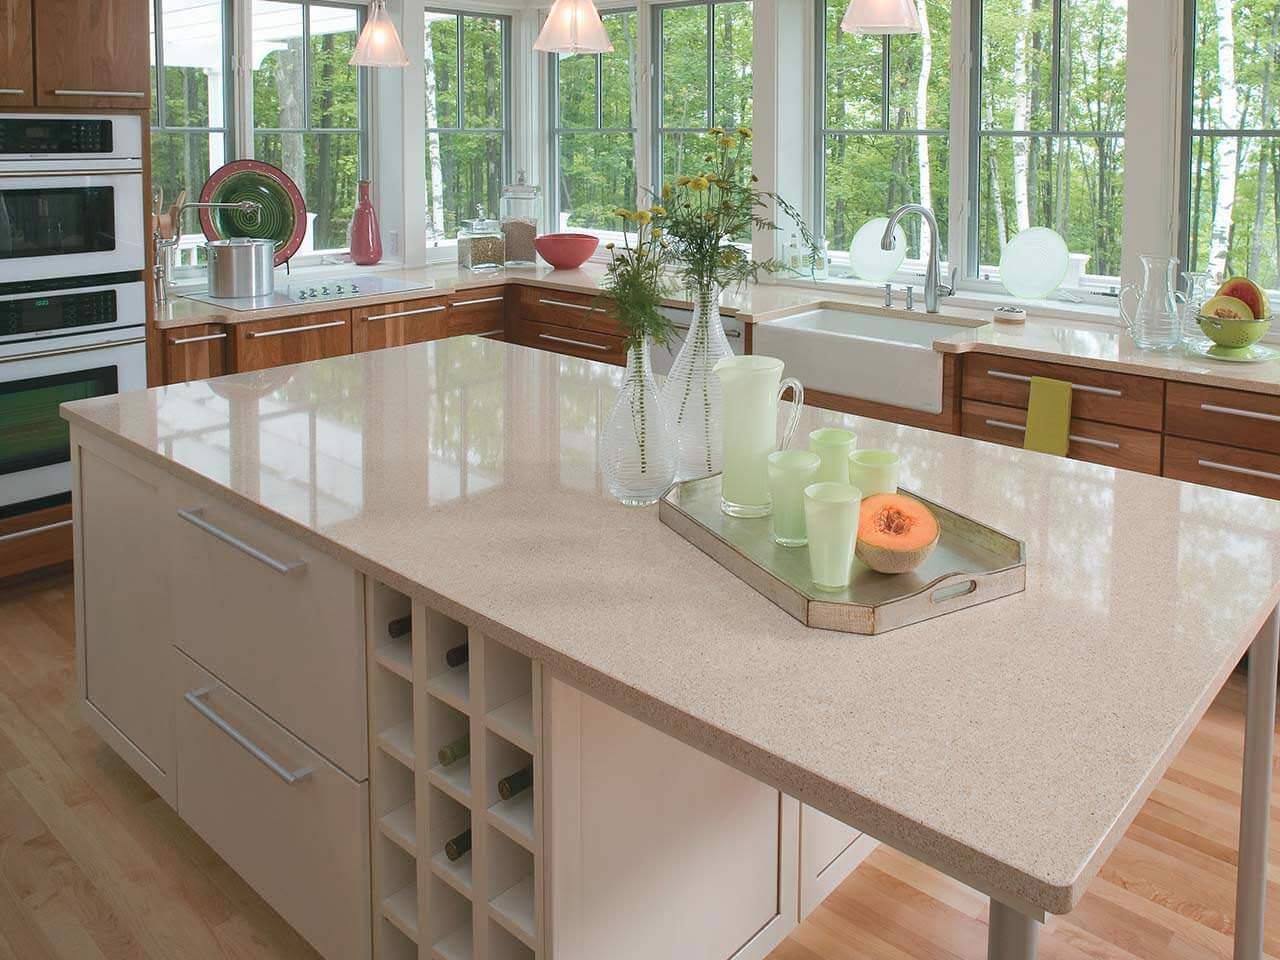 Kitchen Countertops Product : Cardiff cream cambria quartz international granite stone